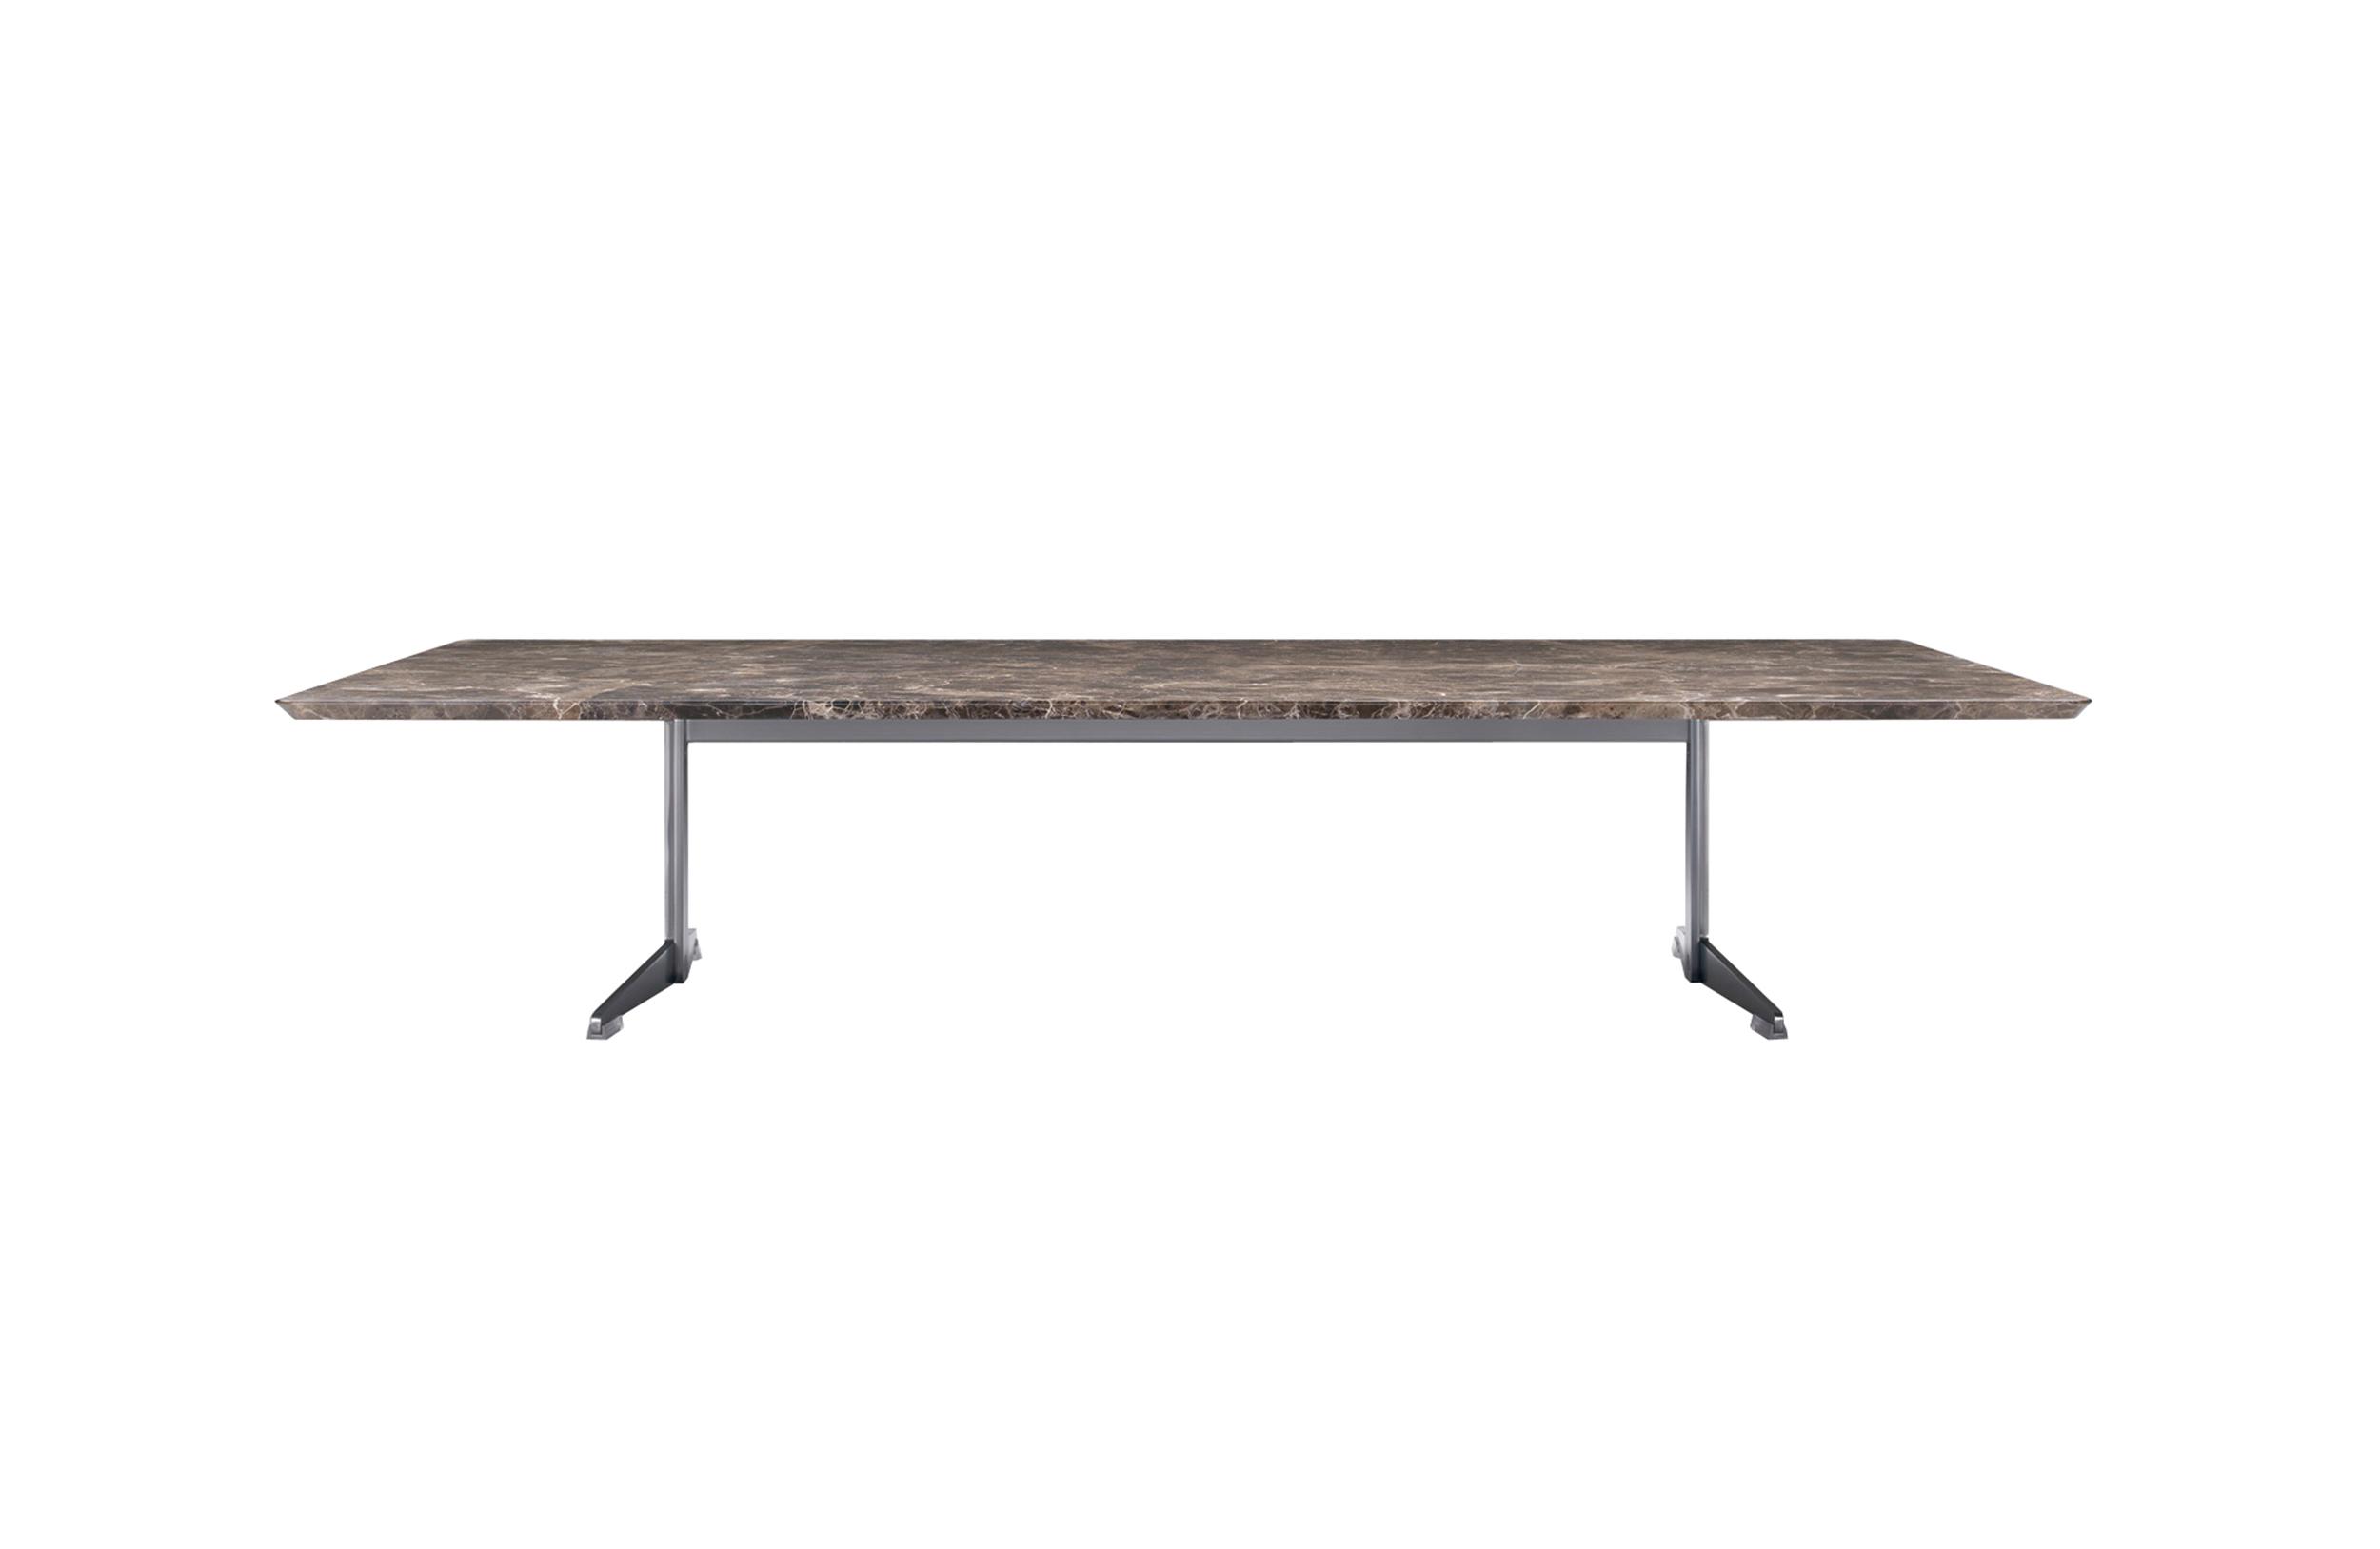 桌几|餐桌|创意家具|现代家居|时尚家具|设计师家具|定制家具|实木家具|飞咖啡桌